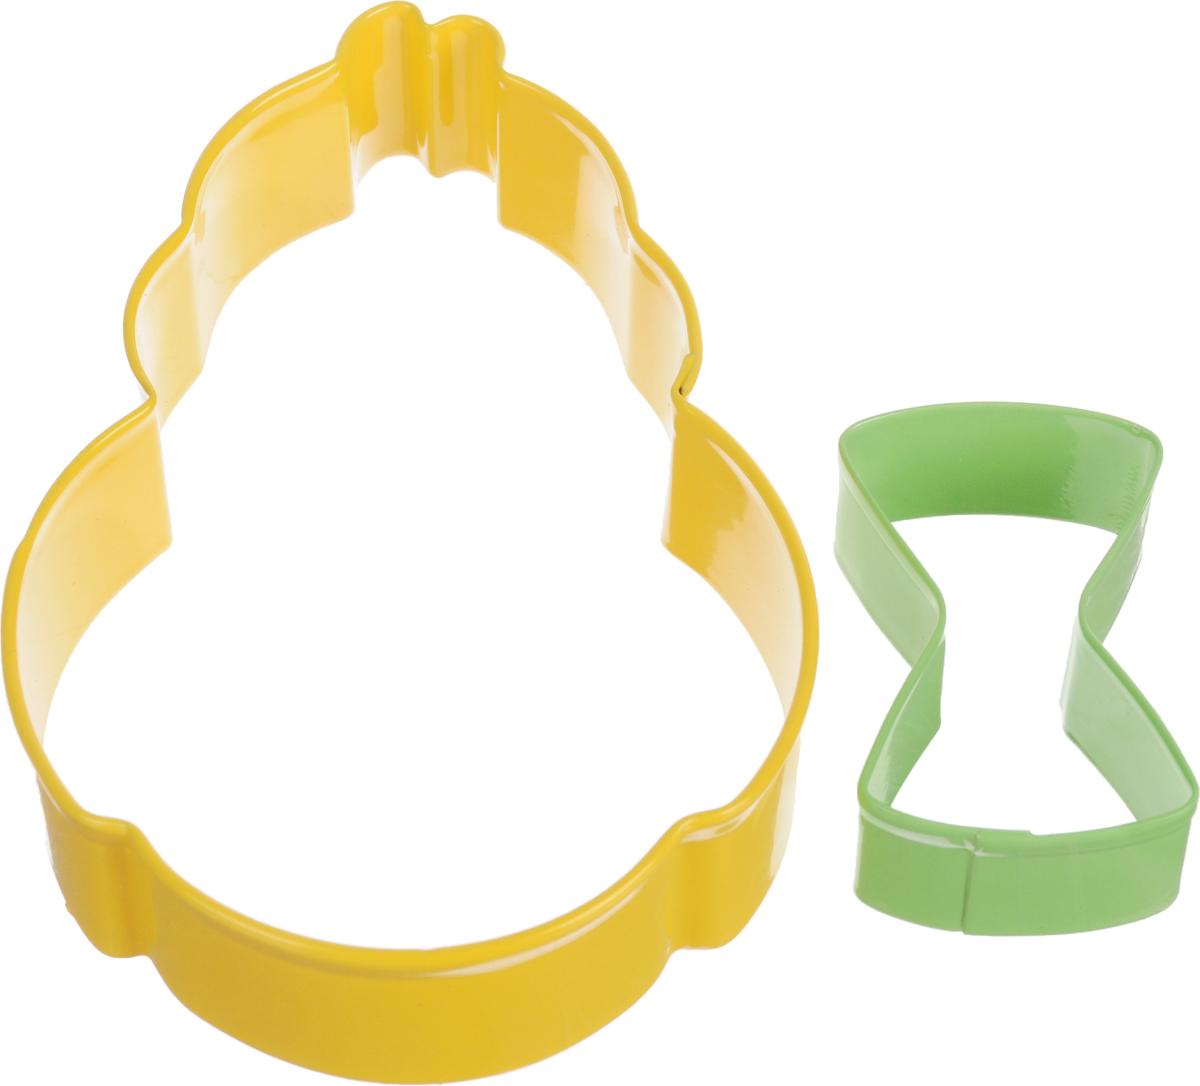 Формочки для вырезания печенья Wilton Цыпленок с бабочкой, 2 шт формочки для вырезания печенья tescoma зайчики двухсторонние 2 шт